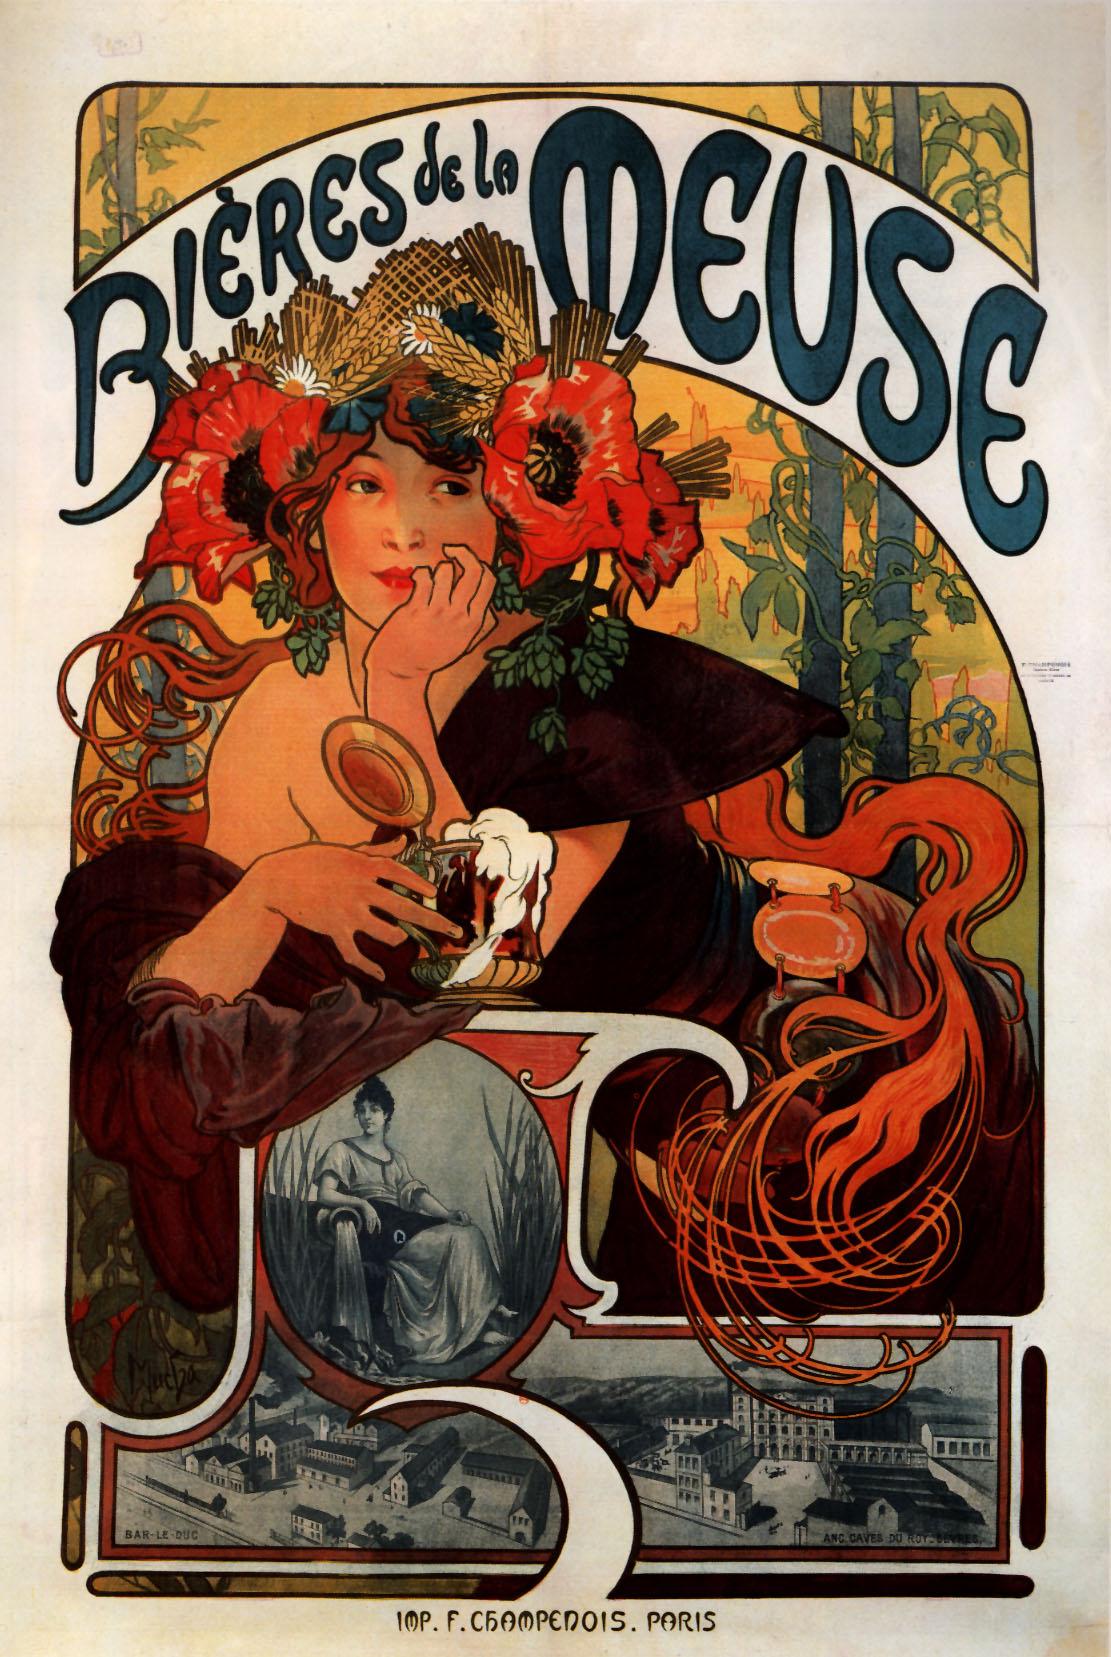 Рекламный плакат Пиво из Мааса